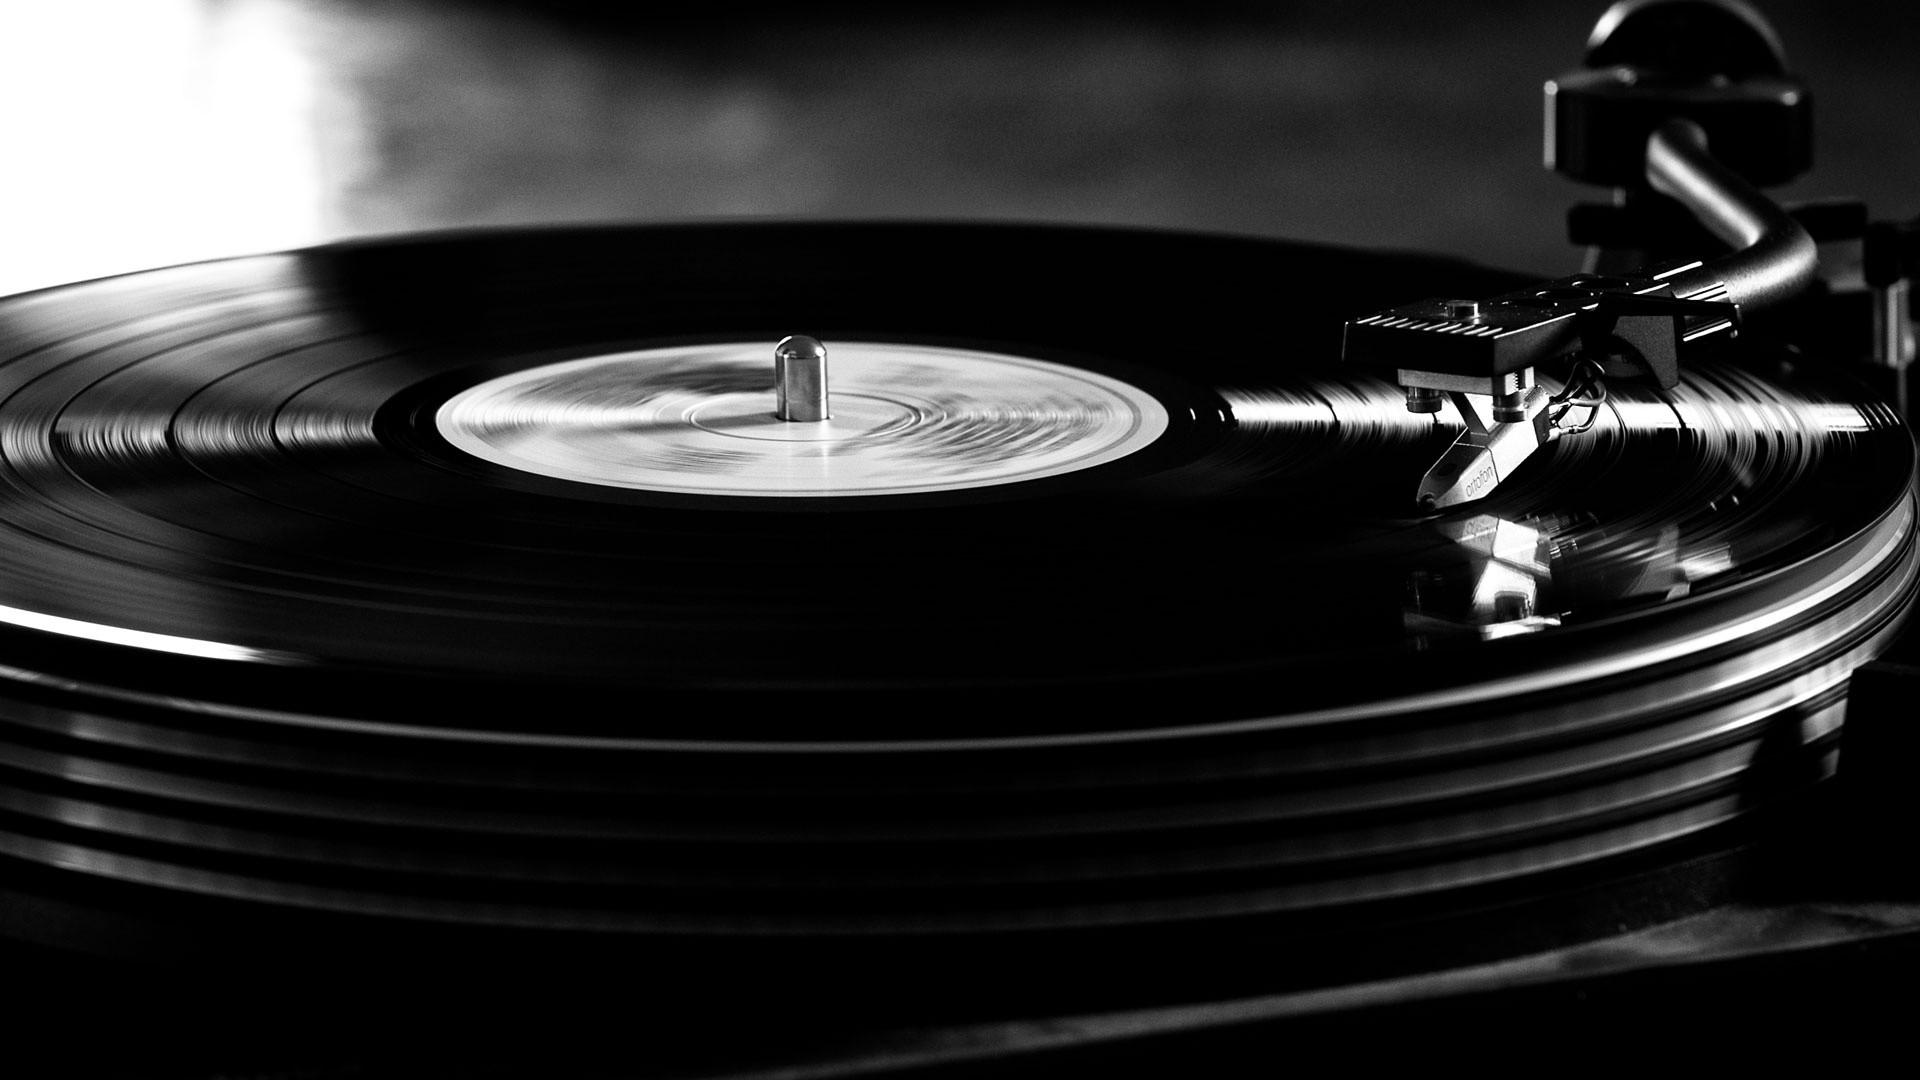 Vinyle noir et blanc